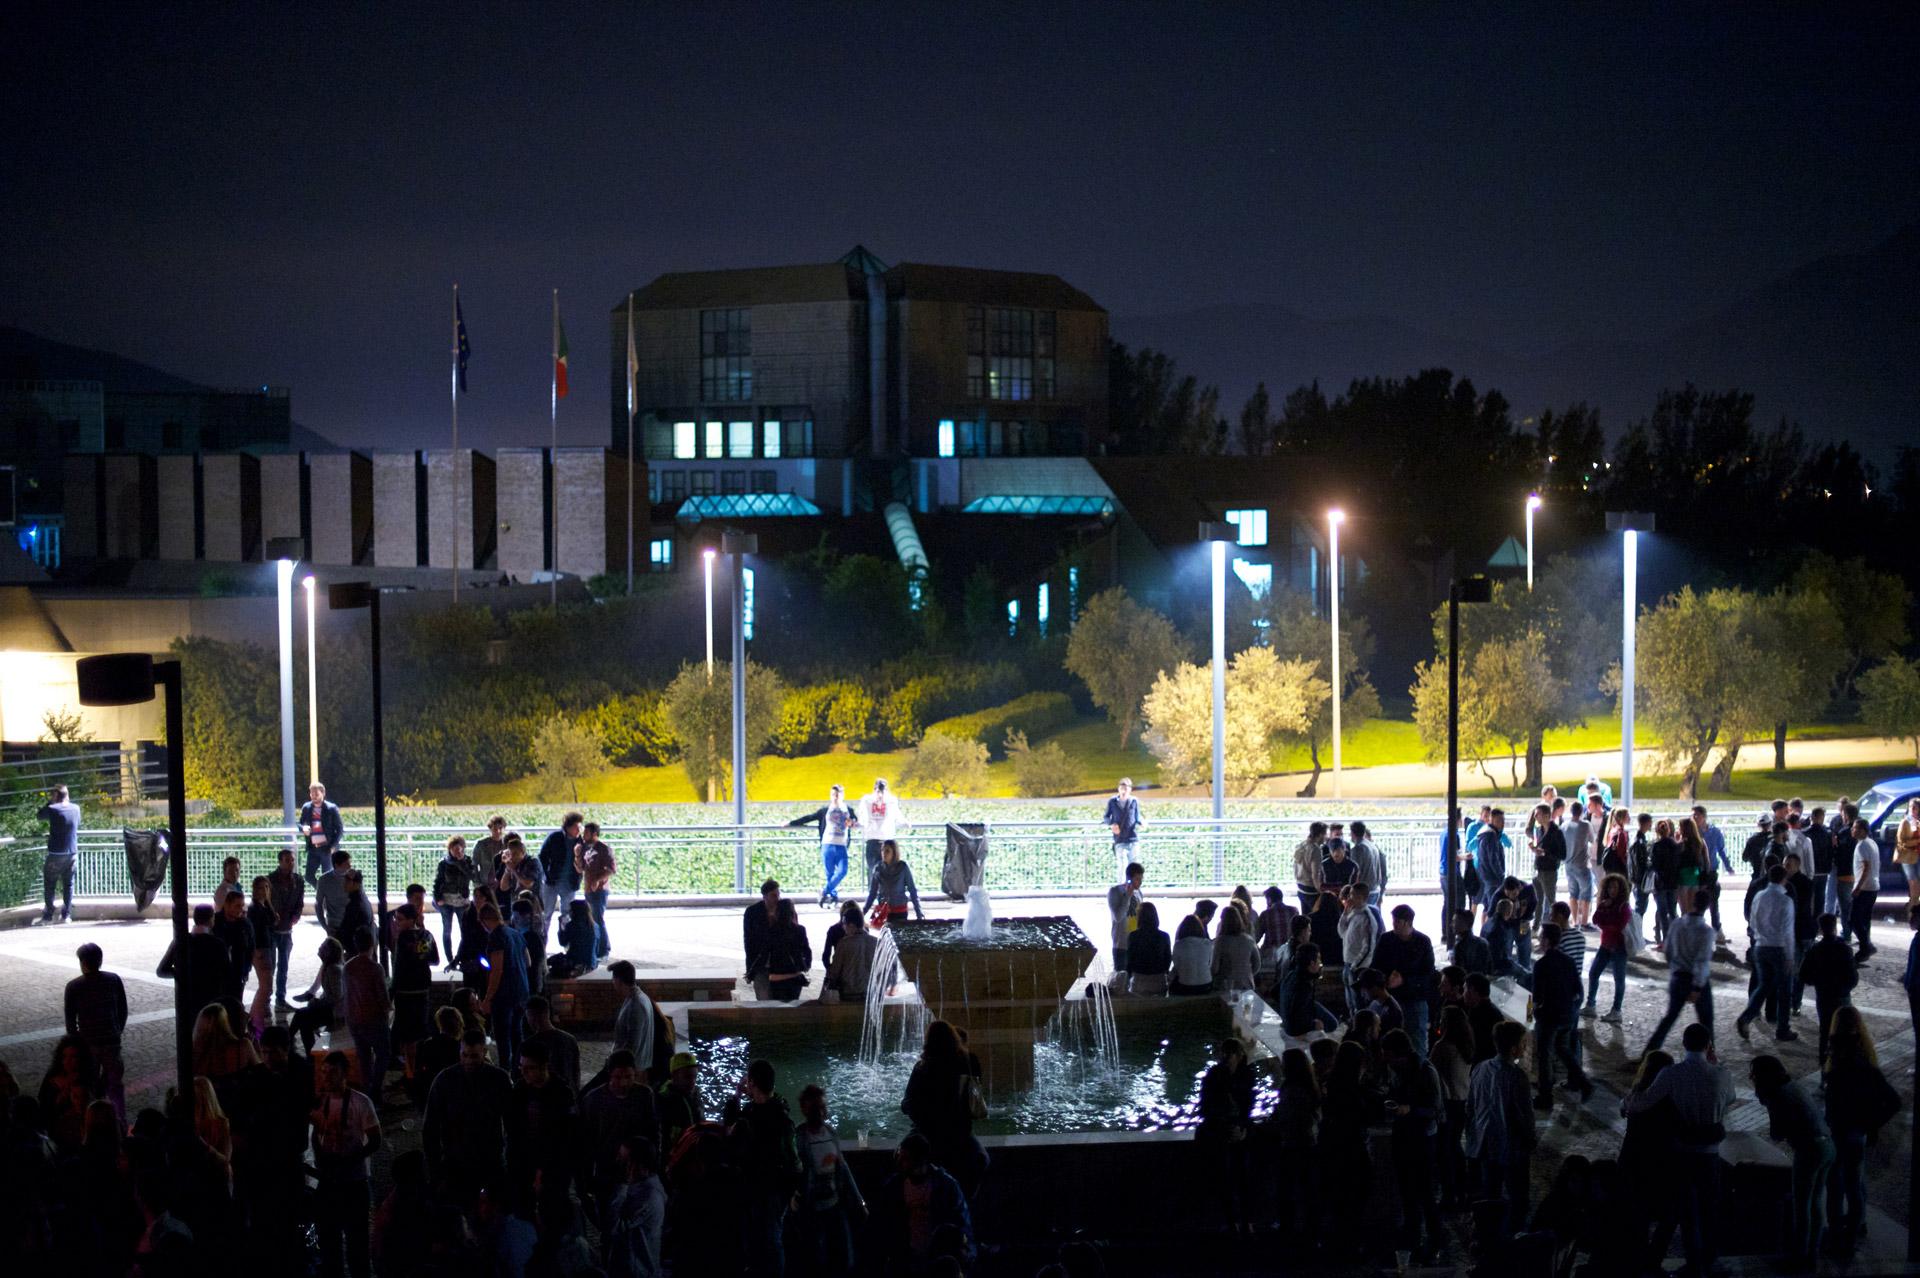 Università di Salerno: al via l'orientamento degli studenti alla scelta della facoltà